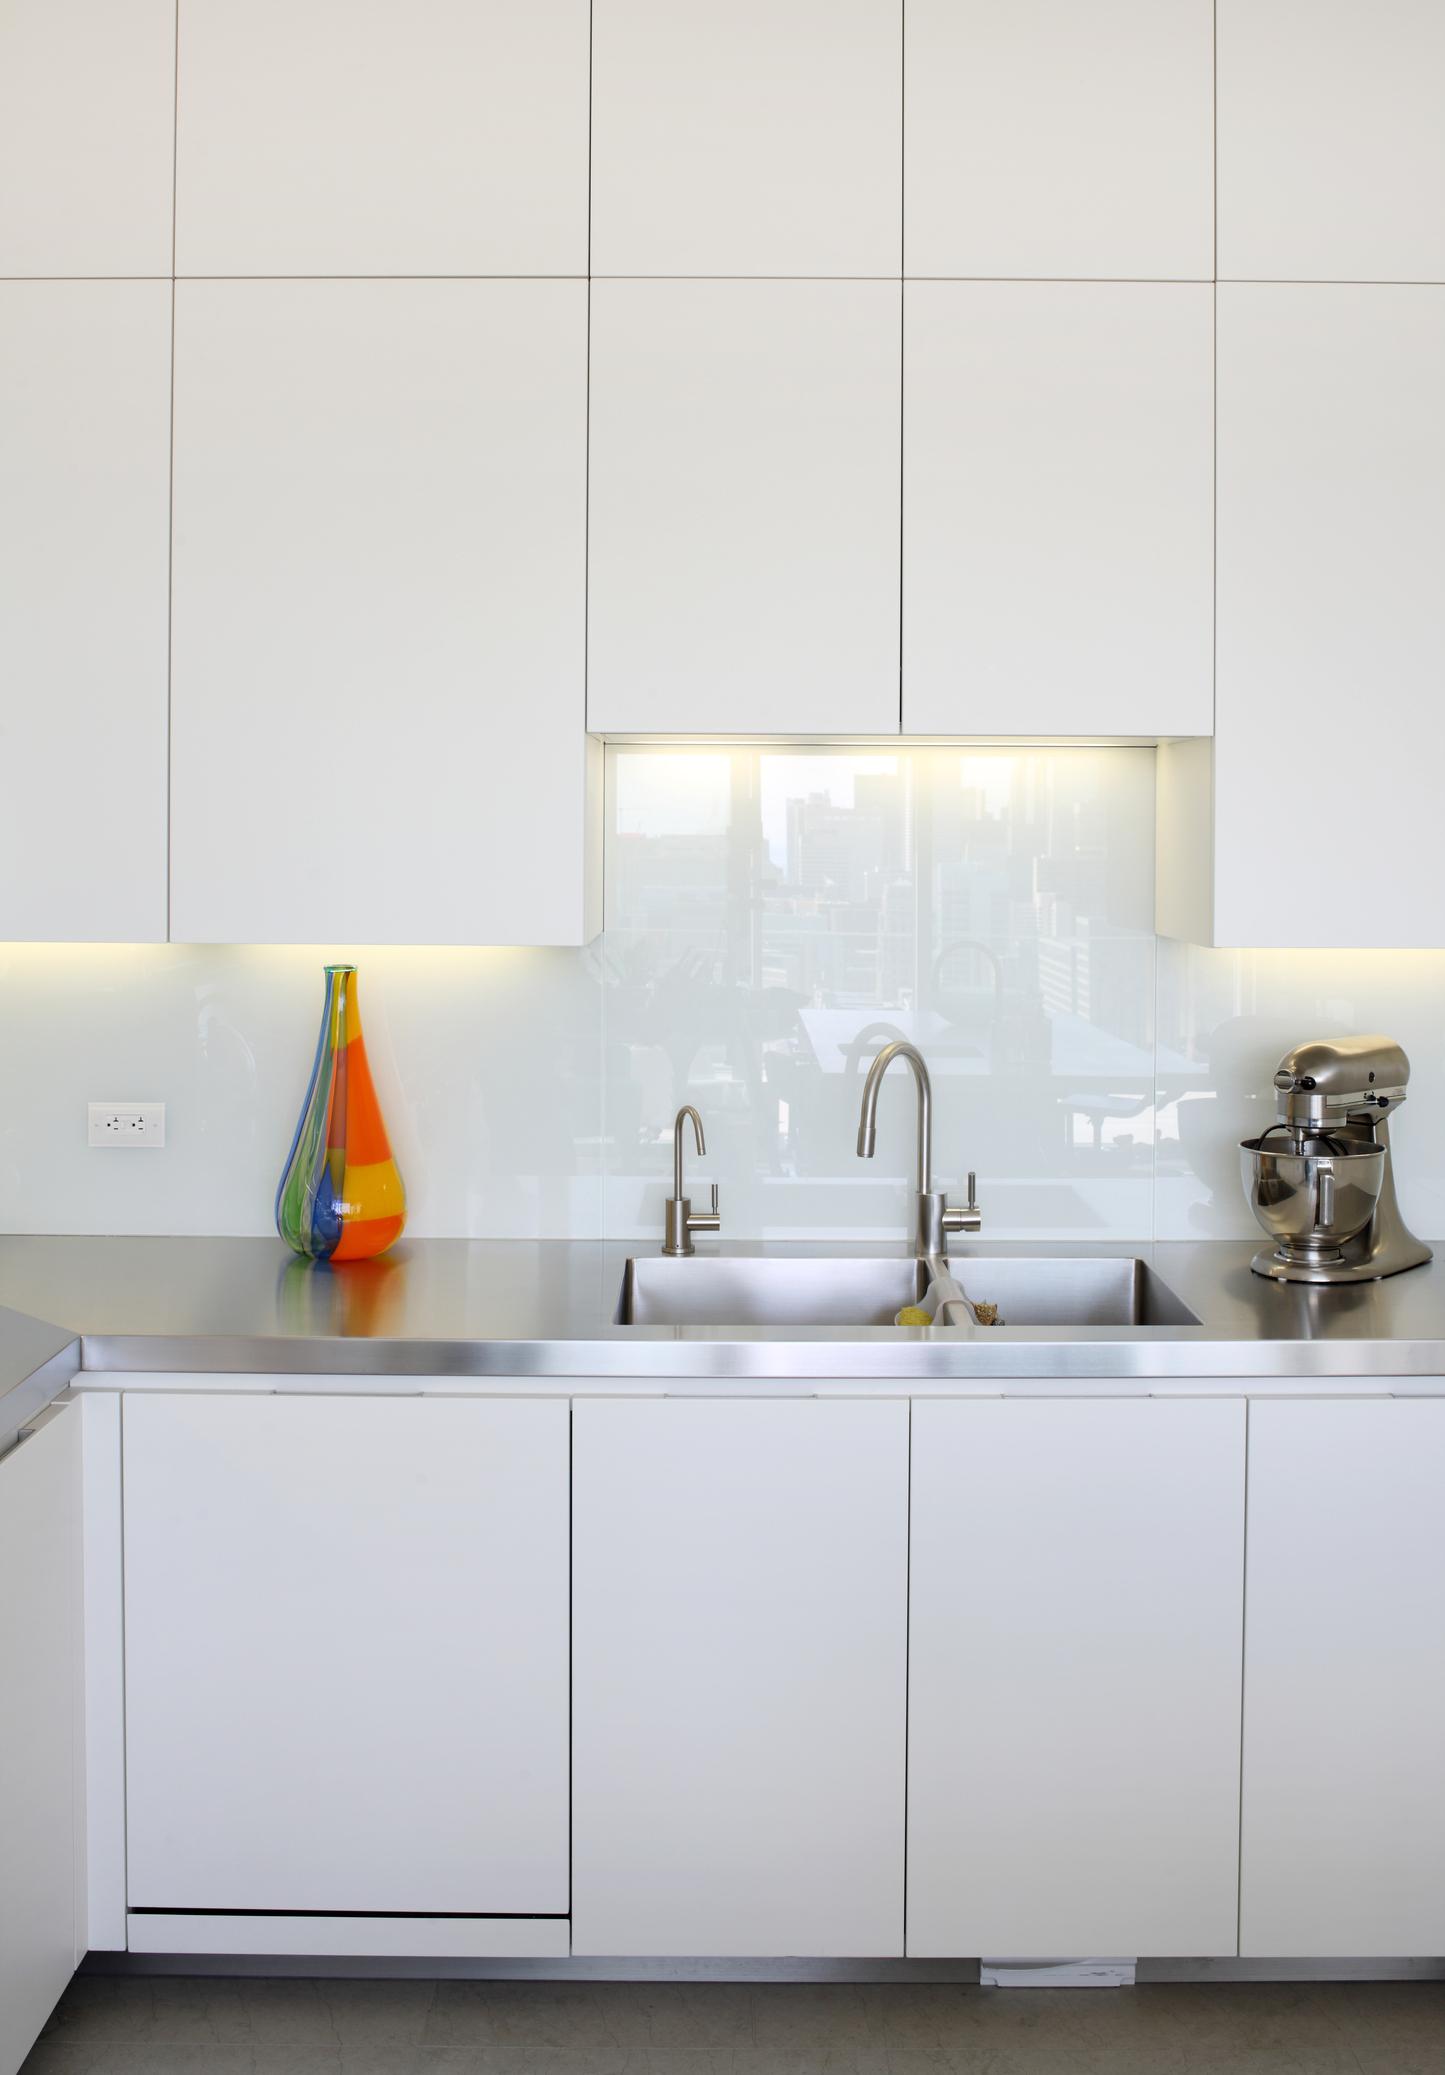 Cestini Raccolta Differenziata Casa idee per organizzare gli spazi in casa per la differenziata